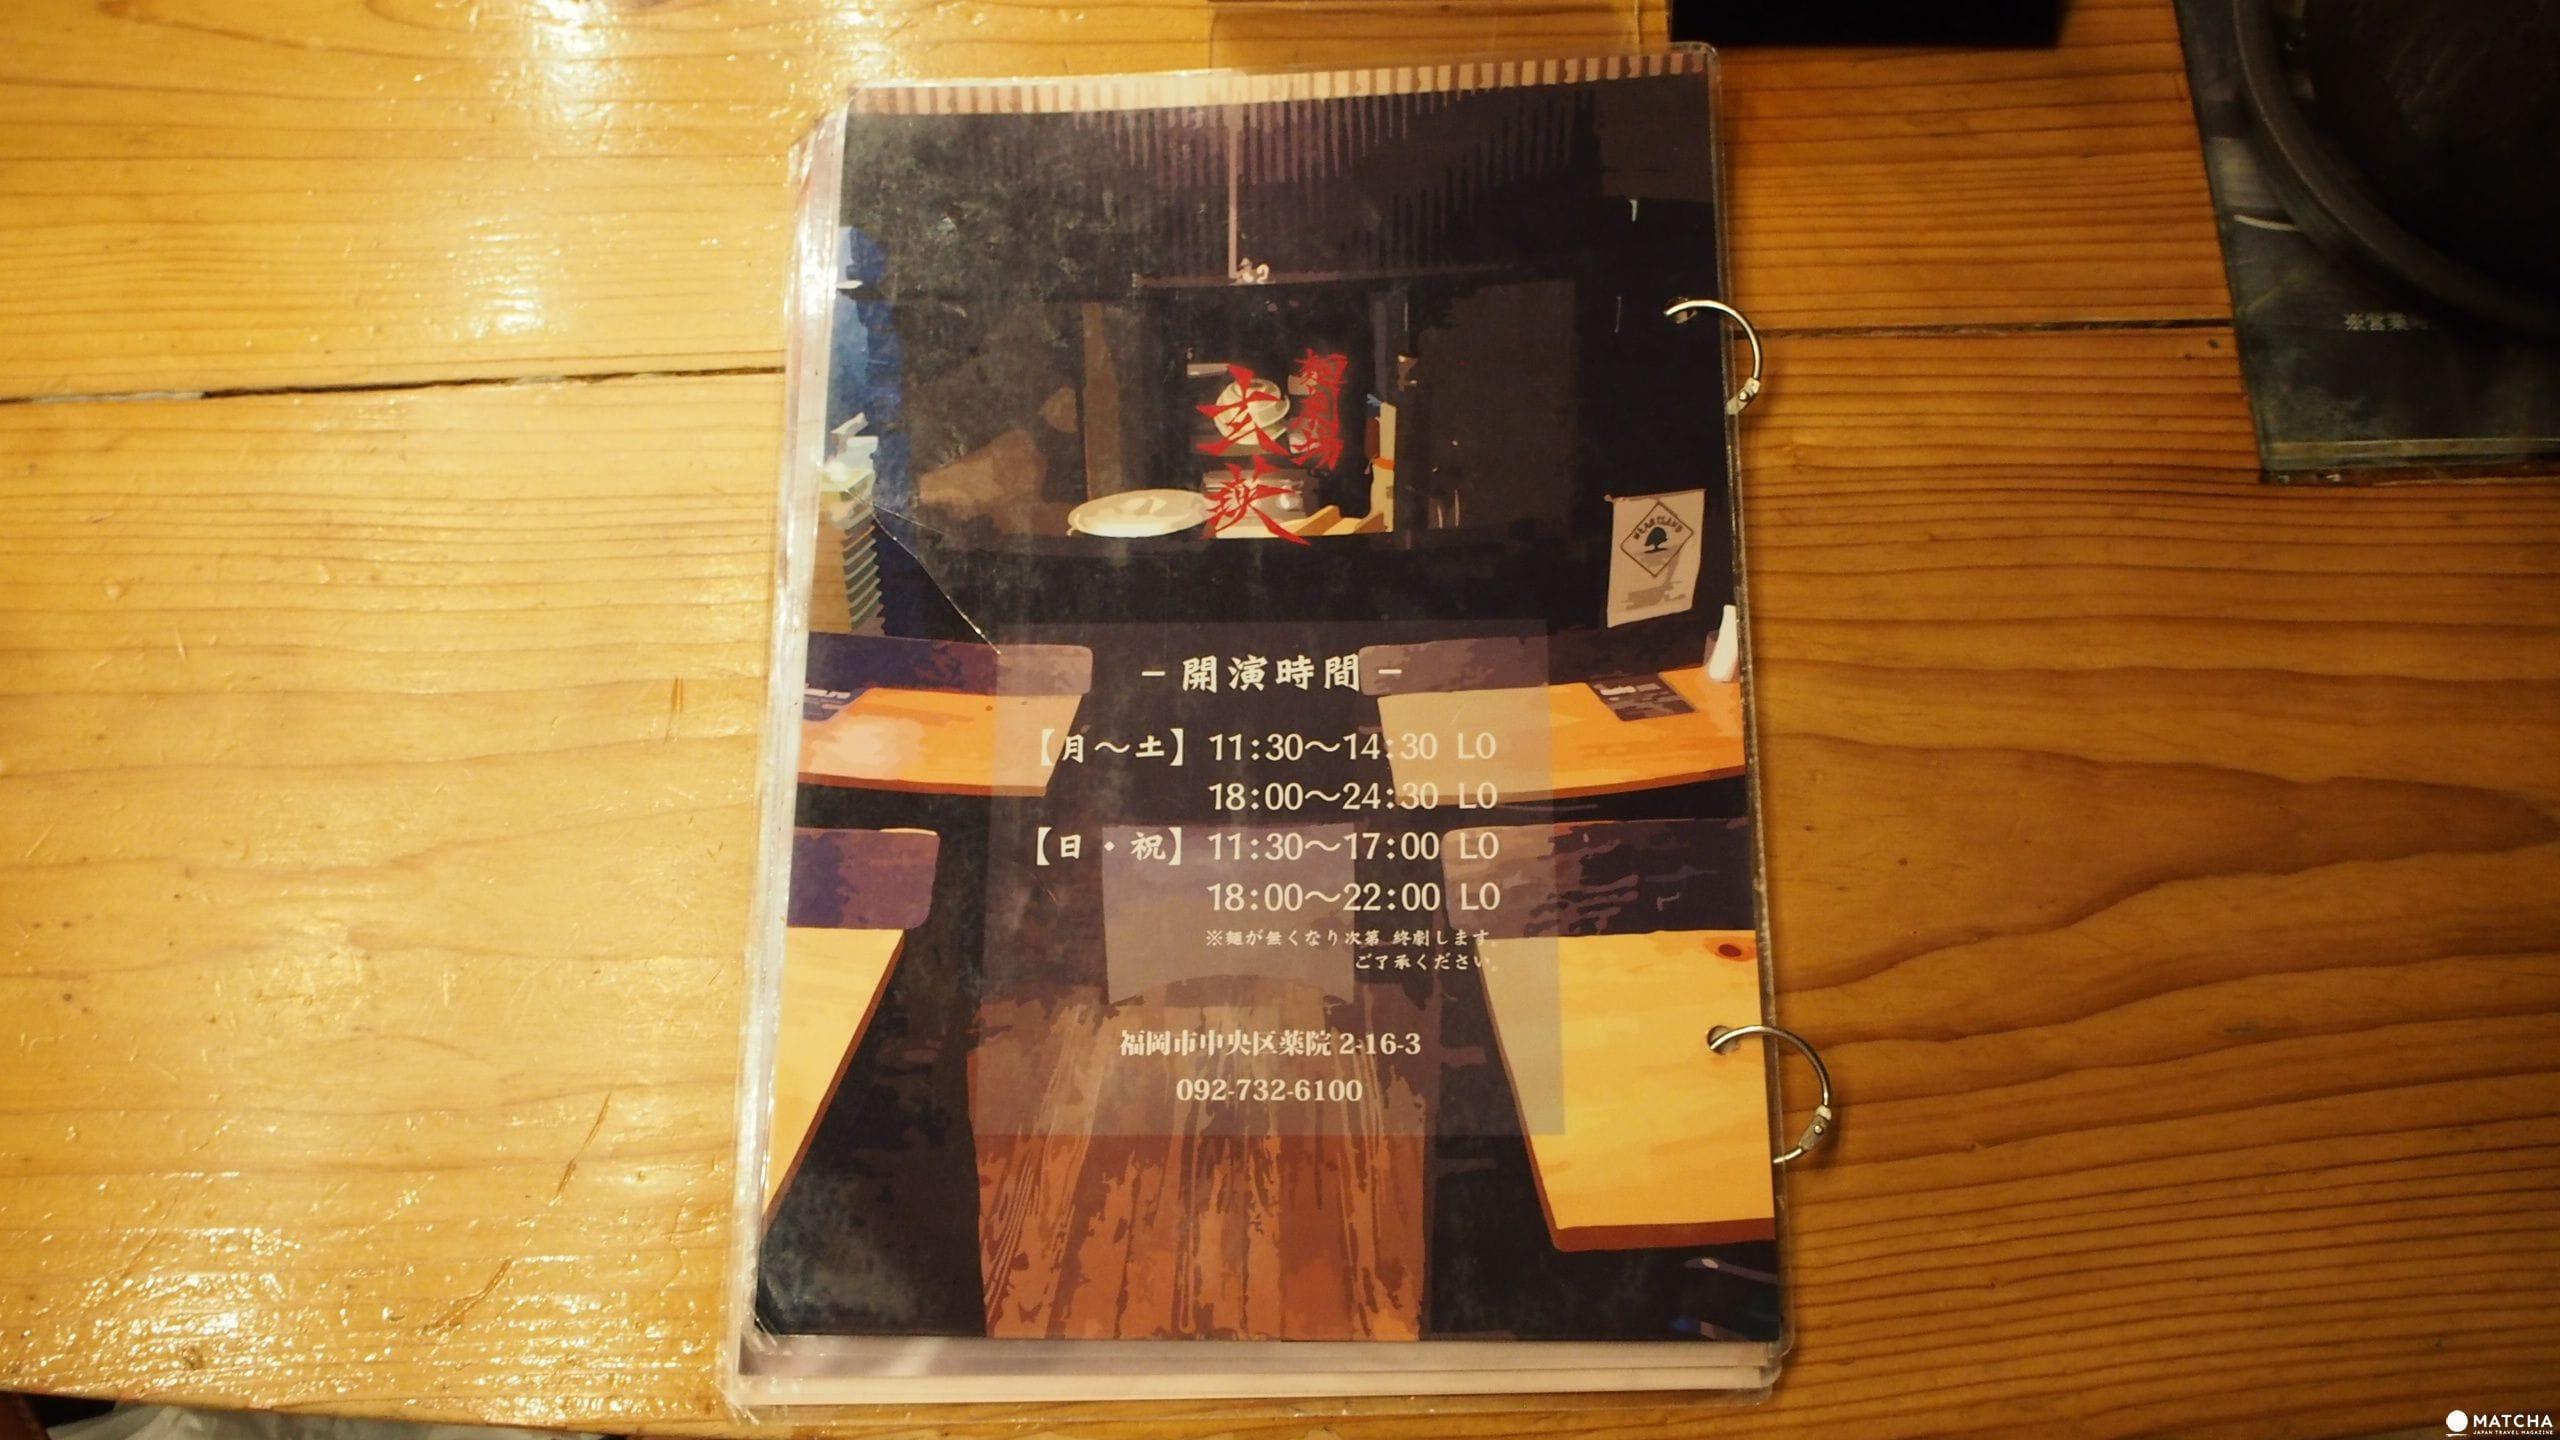 福岡麵劇場玄瑛-玄瑛菜單背面